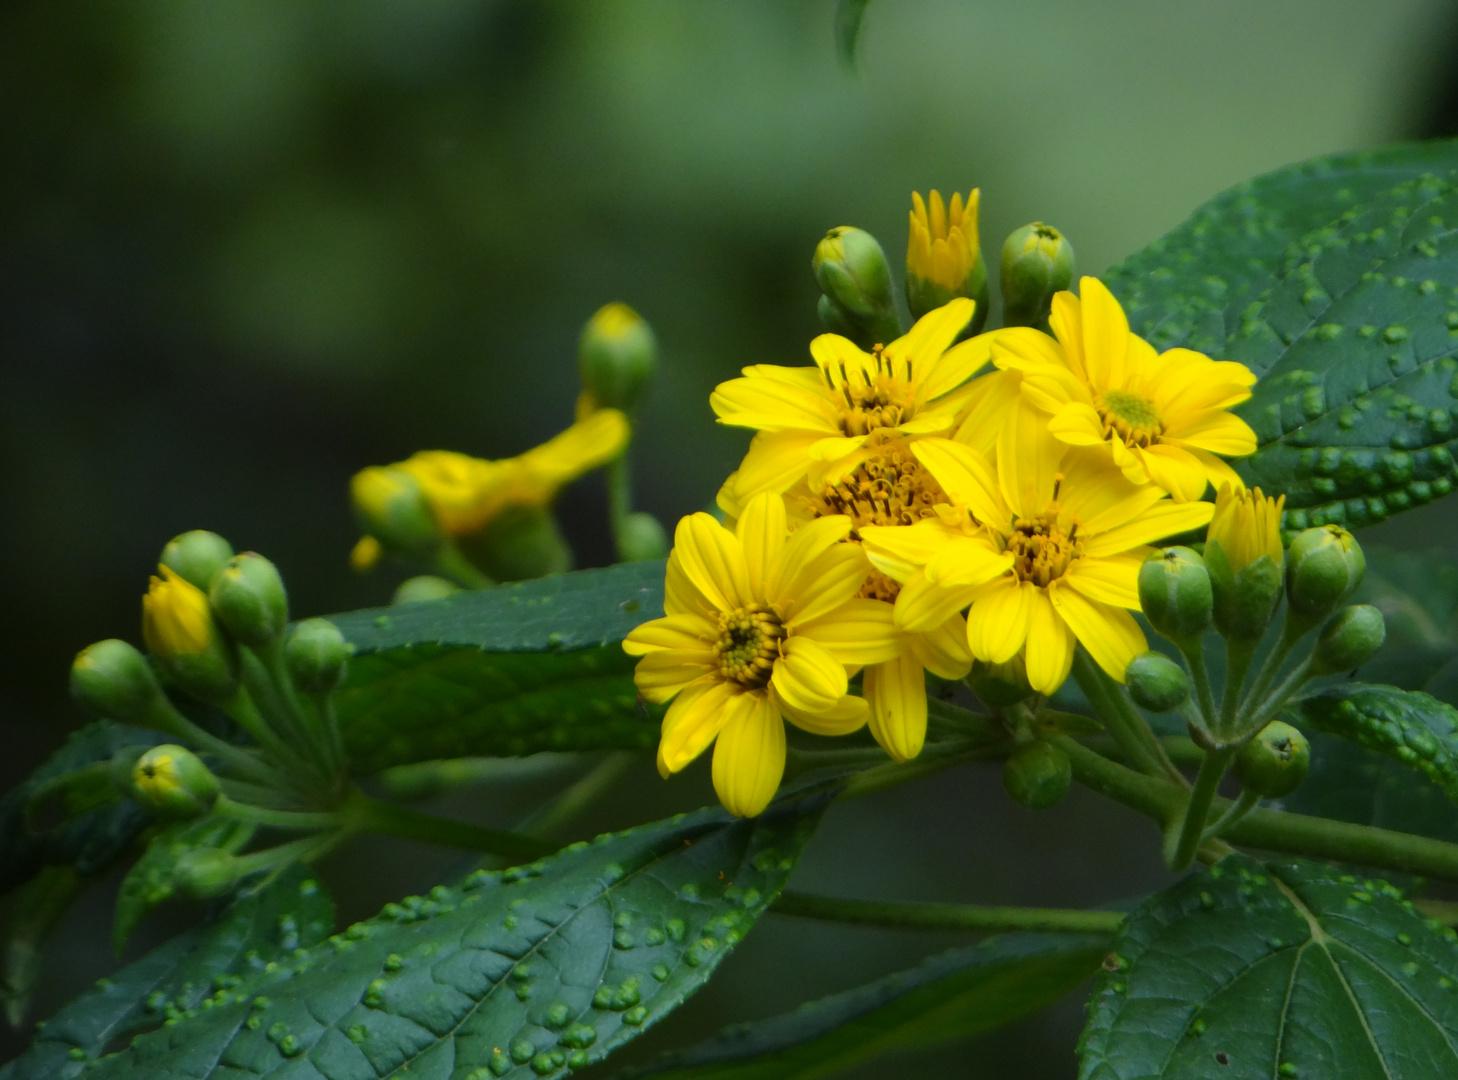 Naturaleza en amarillo